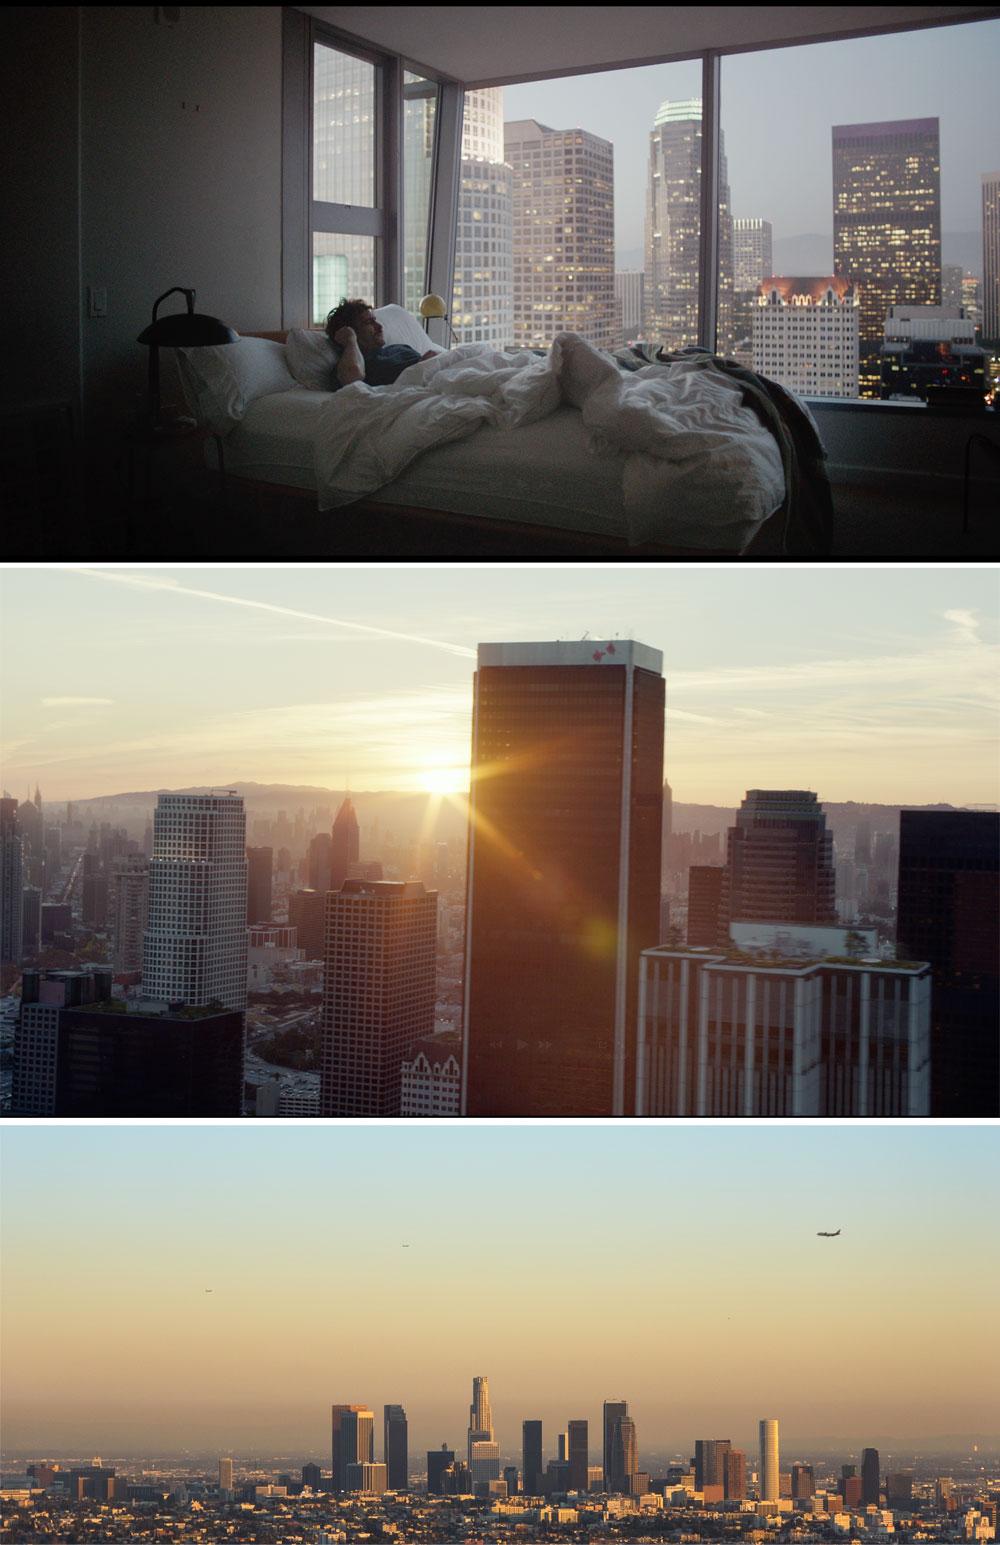 תרומתה של לוס אנג'לס. למעלה: מבט מדירתו של תיאודור אל נוף המגדלים בסרט; למטה: כמה מהמגדלים שמככבים בה במציאות (פרטים בכתבה) (באדיבות סרטי יונייטד קינג, shutterstock)